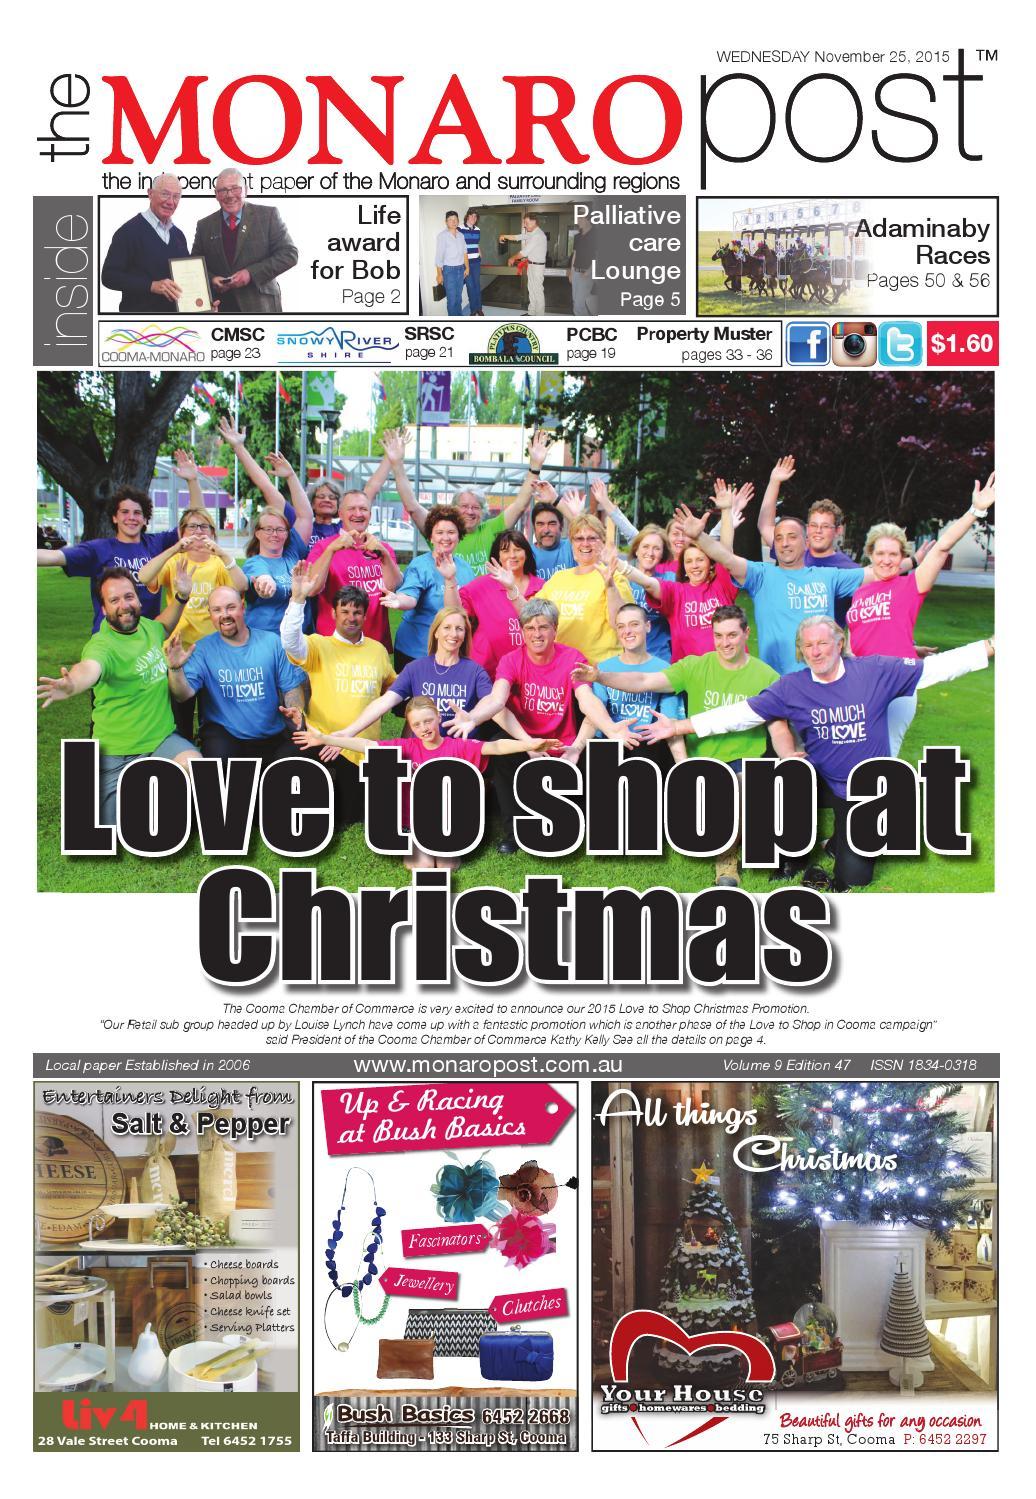 The Monaro Post 25/11/15 by Monaro Post - issuu